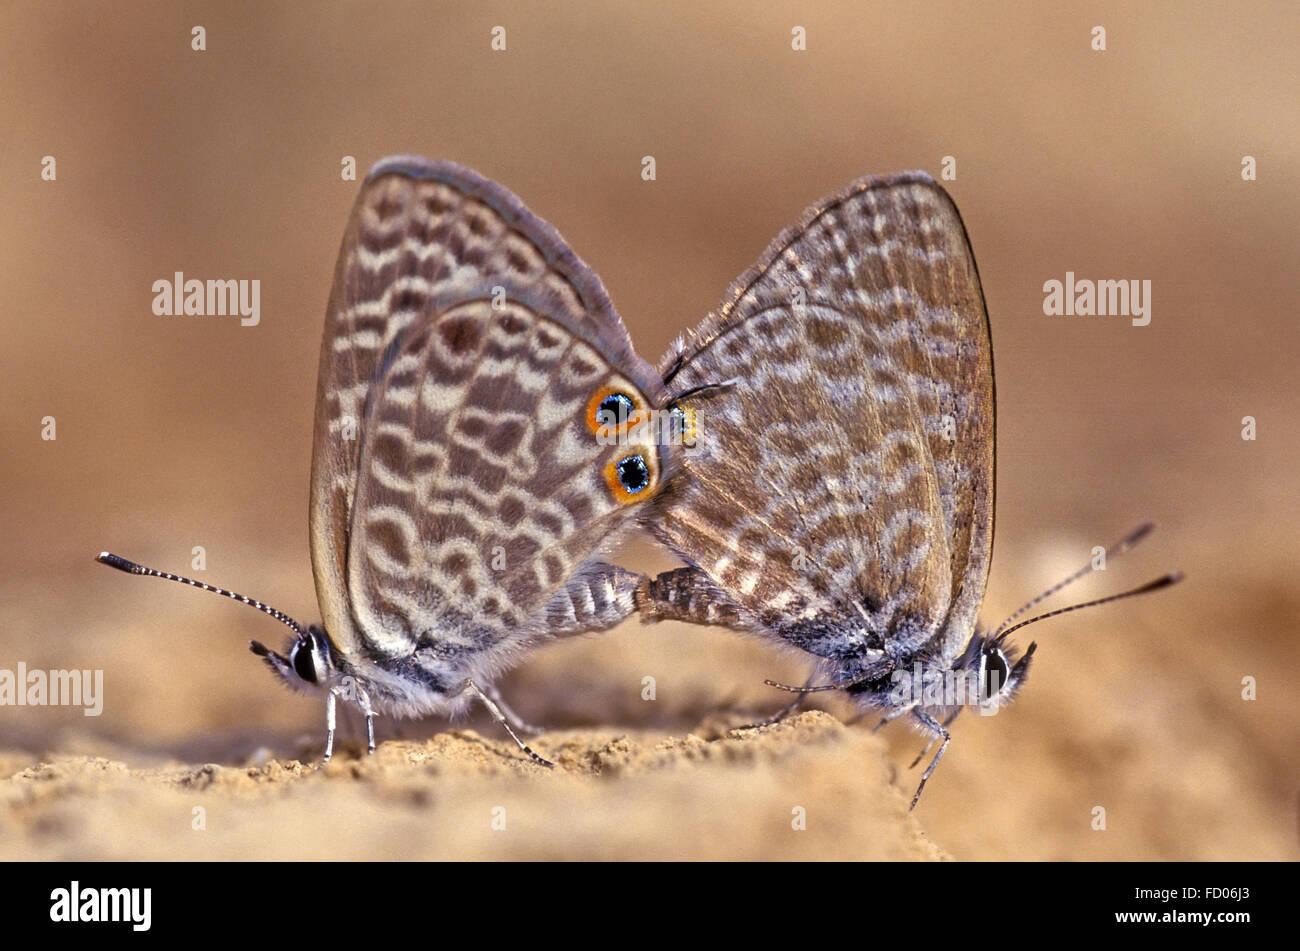 Accoppiamento a farfalla sul terreno Immagini Stock